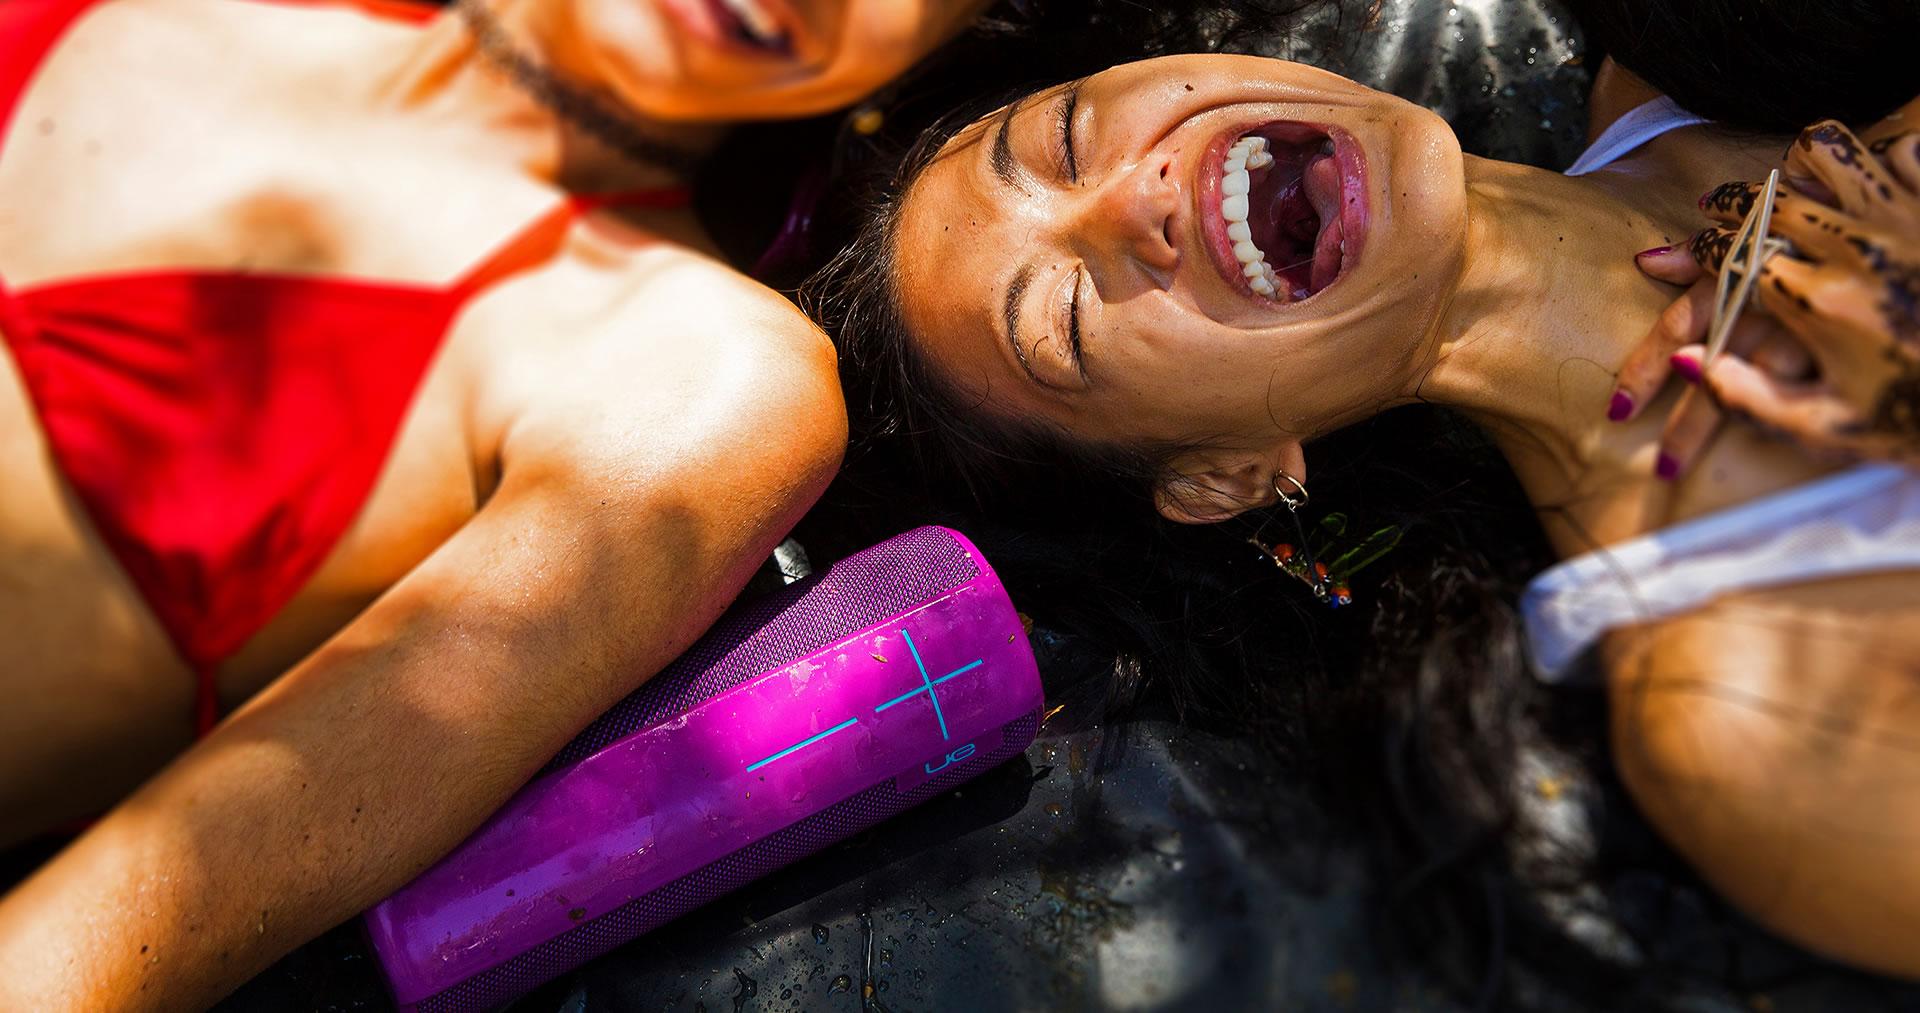 Purple water resistant UE Megaboom mobile speaker and laughing girls